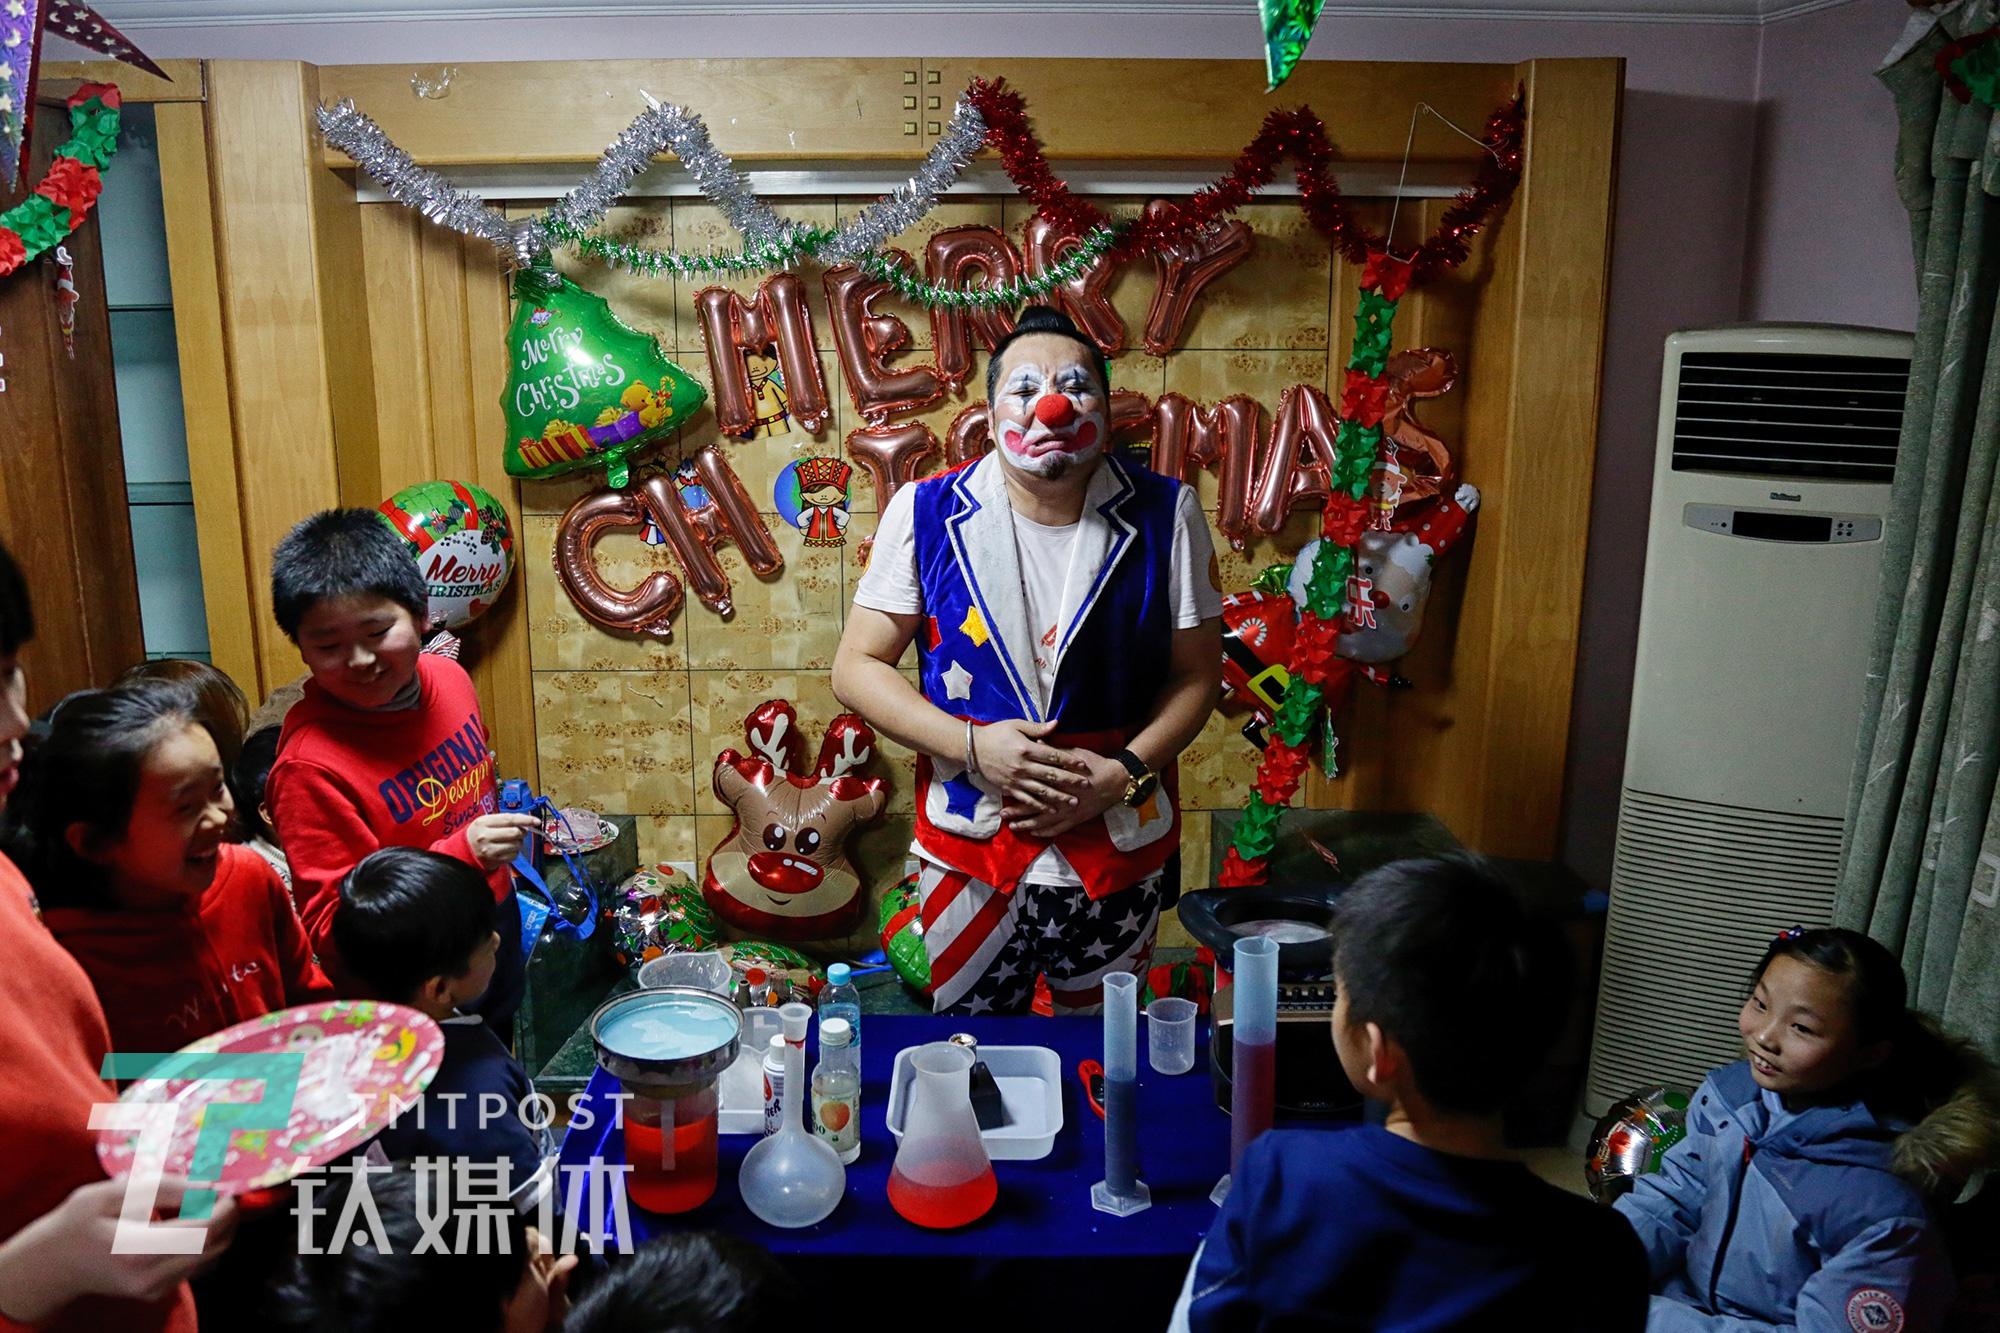 小丑表演者阿绎:9岁辍学14岁北漂,他想让每个孩子快乐无忧 | 钛媒体影像《在线》